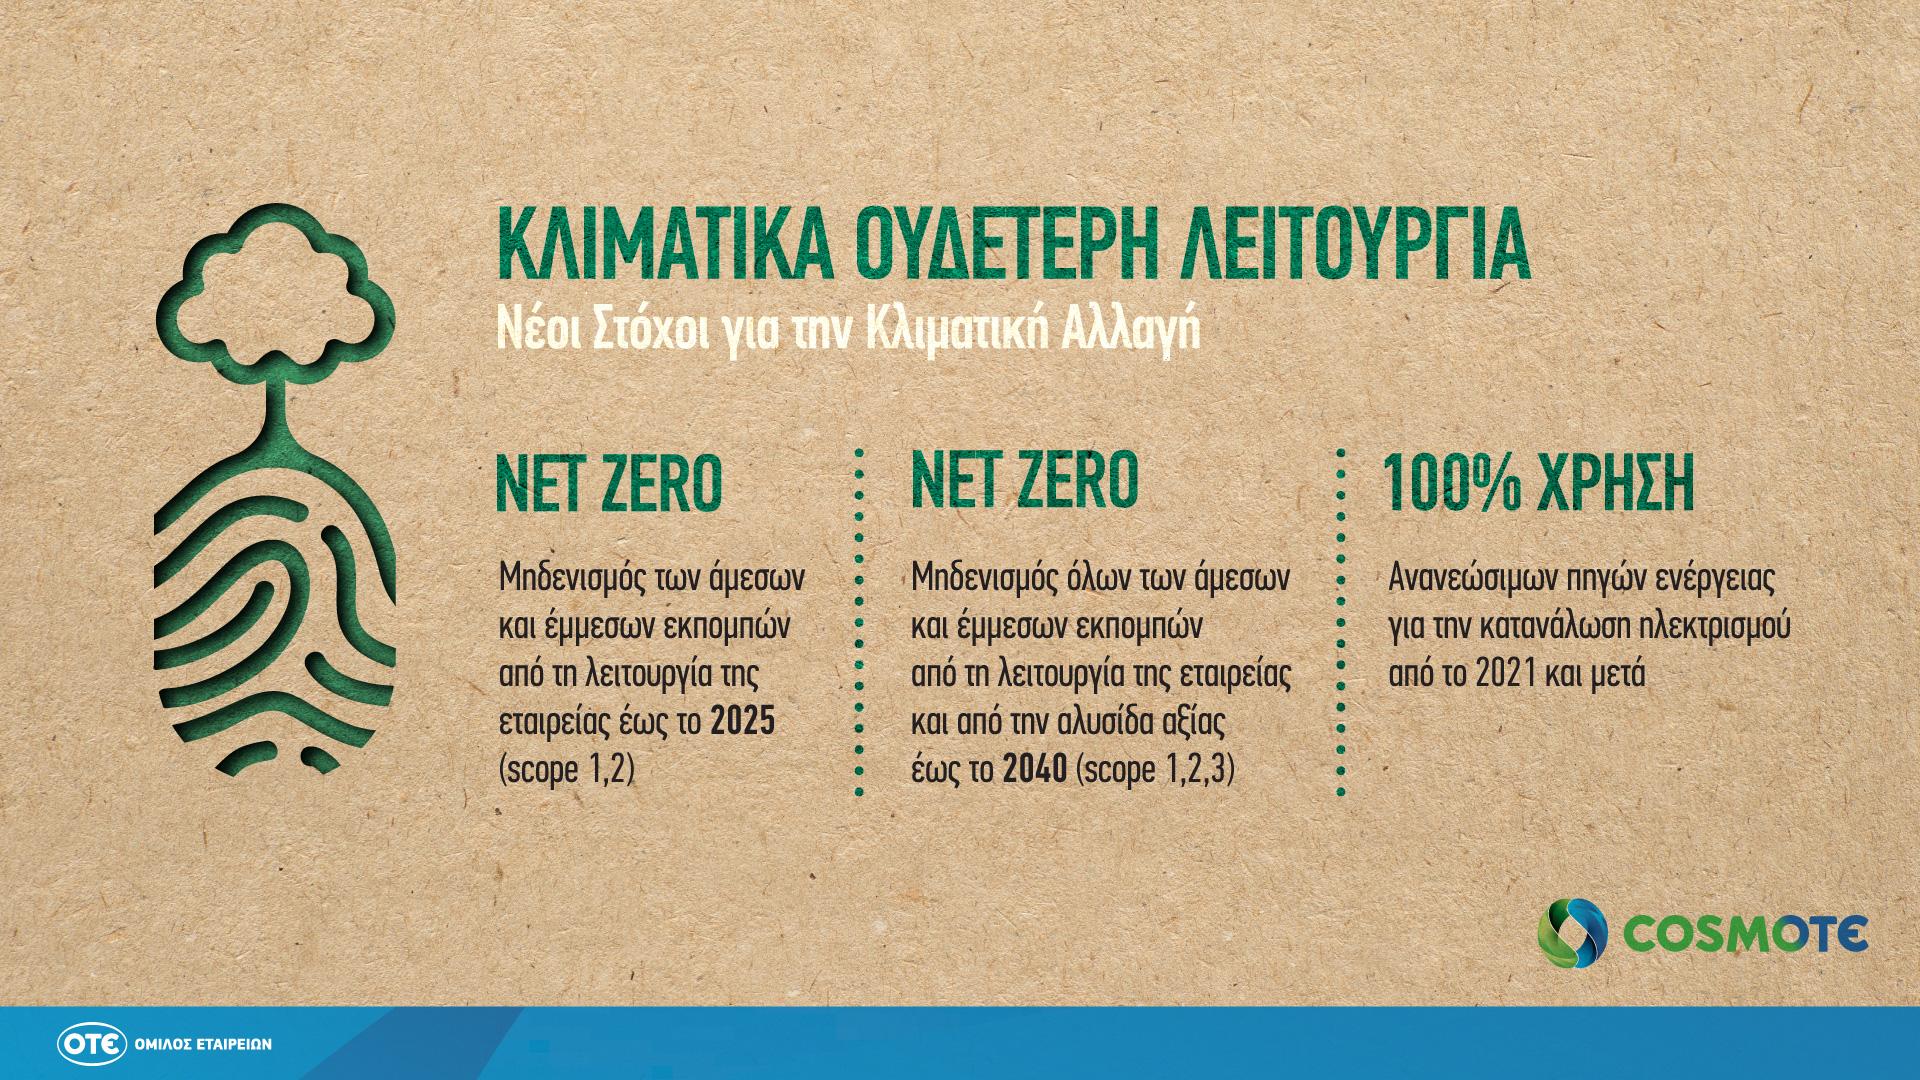 COSMOTE NetZero Infographic